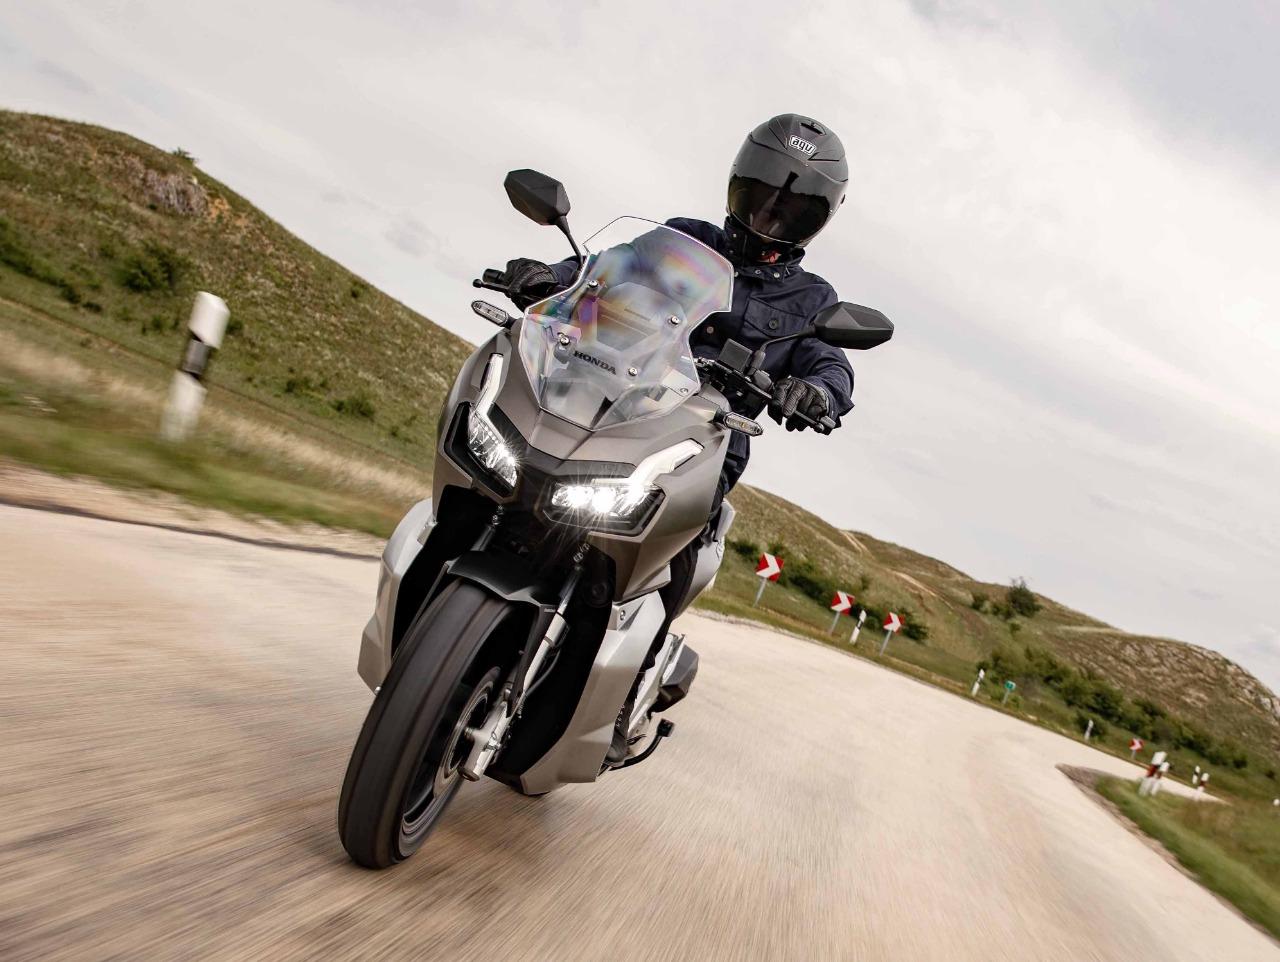 Test Ride Gratis Motor Honda di Rumah dan Raih Hadiah Jutaan Rupiah